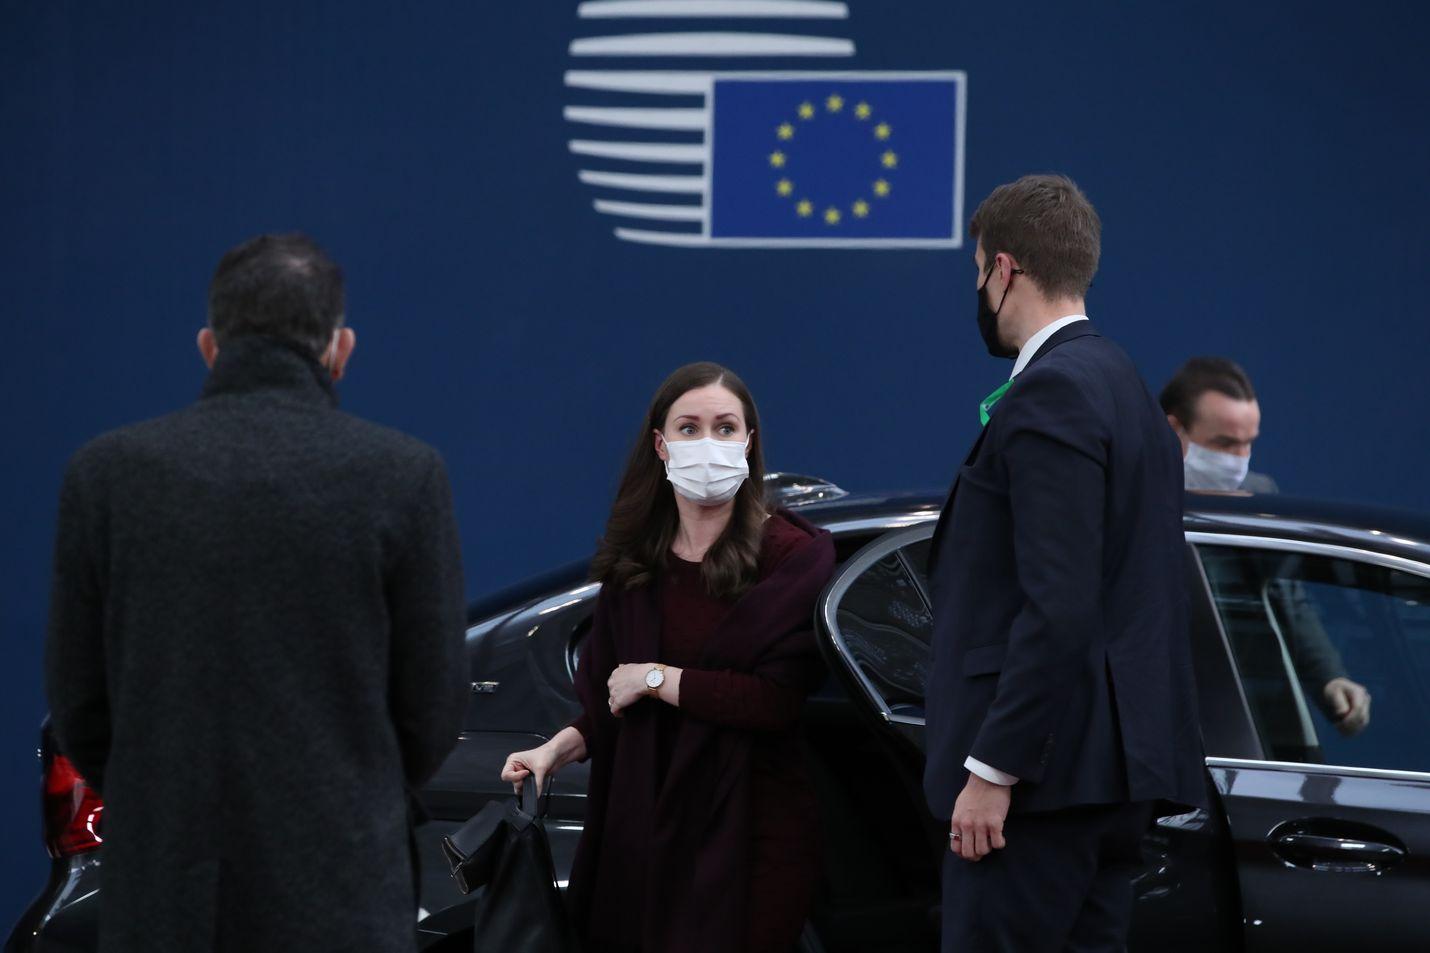 Sanna Marin neuvotteli elvytyspaketista Brysselissä viimeksi joulukuussa, kun Puola ja Unkari vastustivat oikeusvaltioperiaatetta.